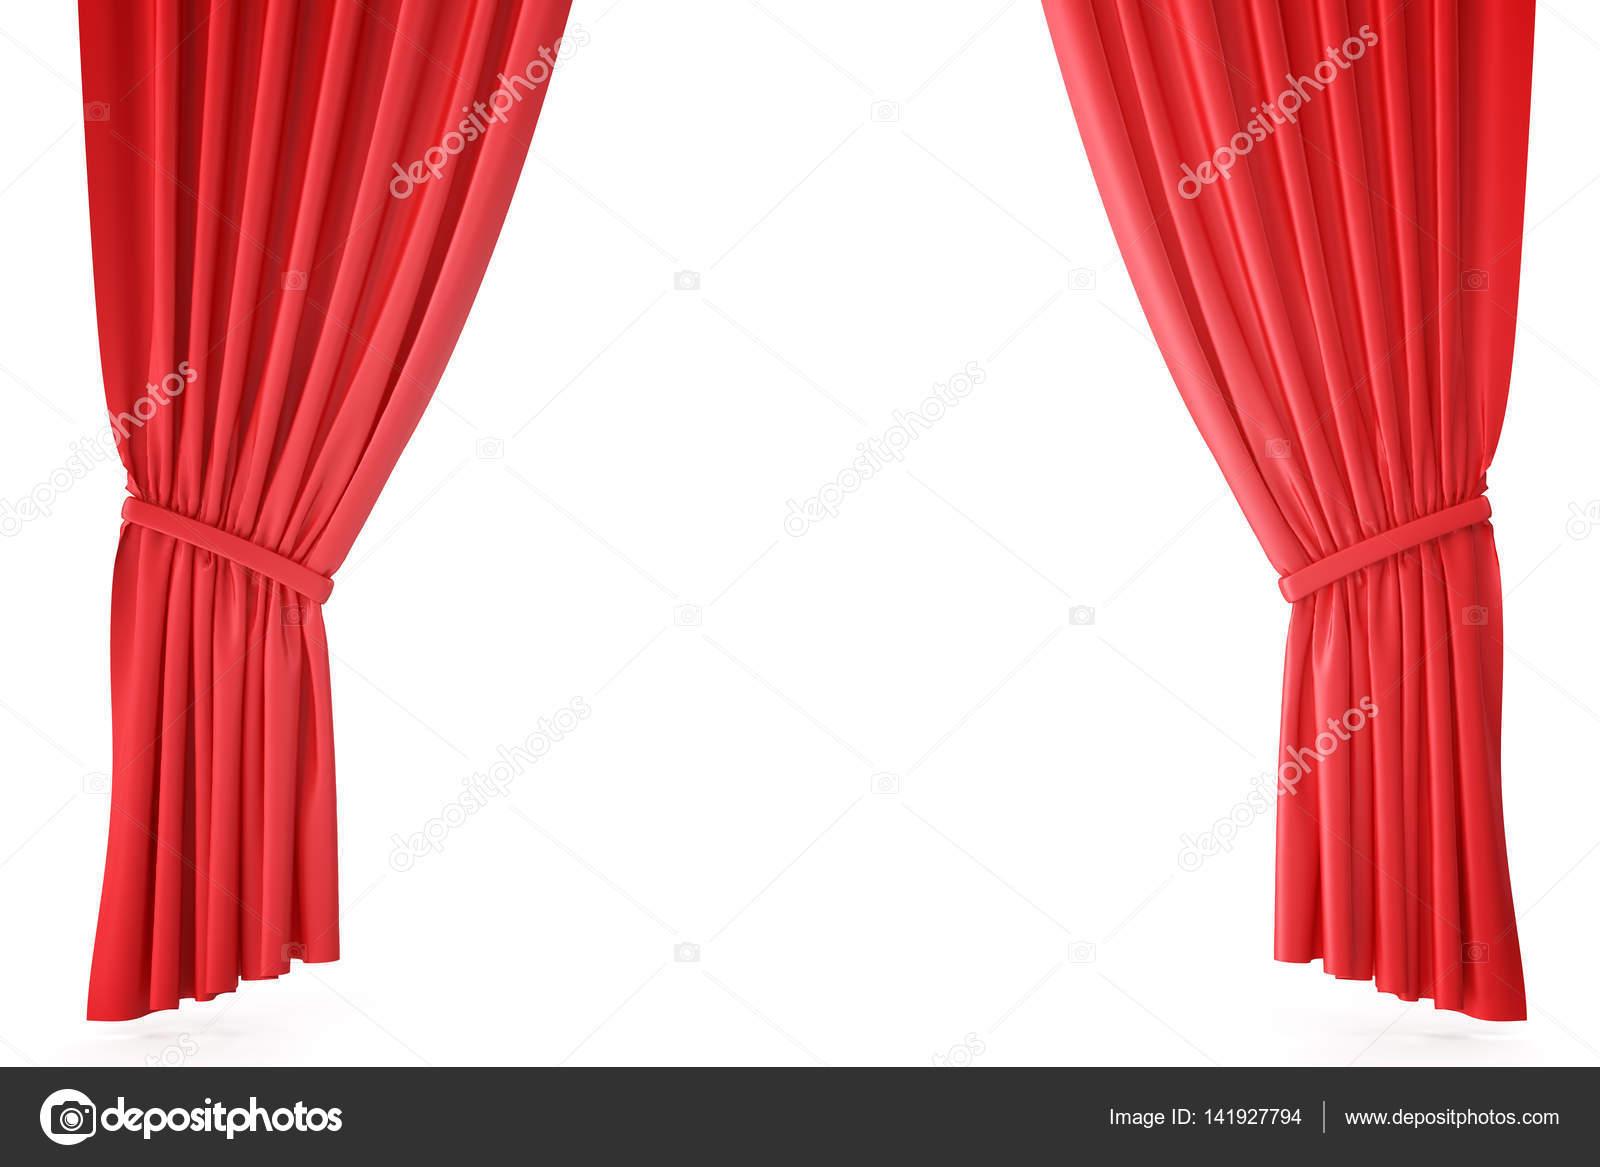 Draperie Théâtre De Velours Rouge Scène Rideaux écarlate Rideau De